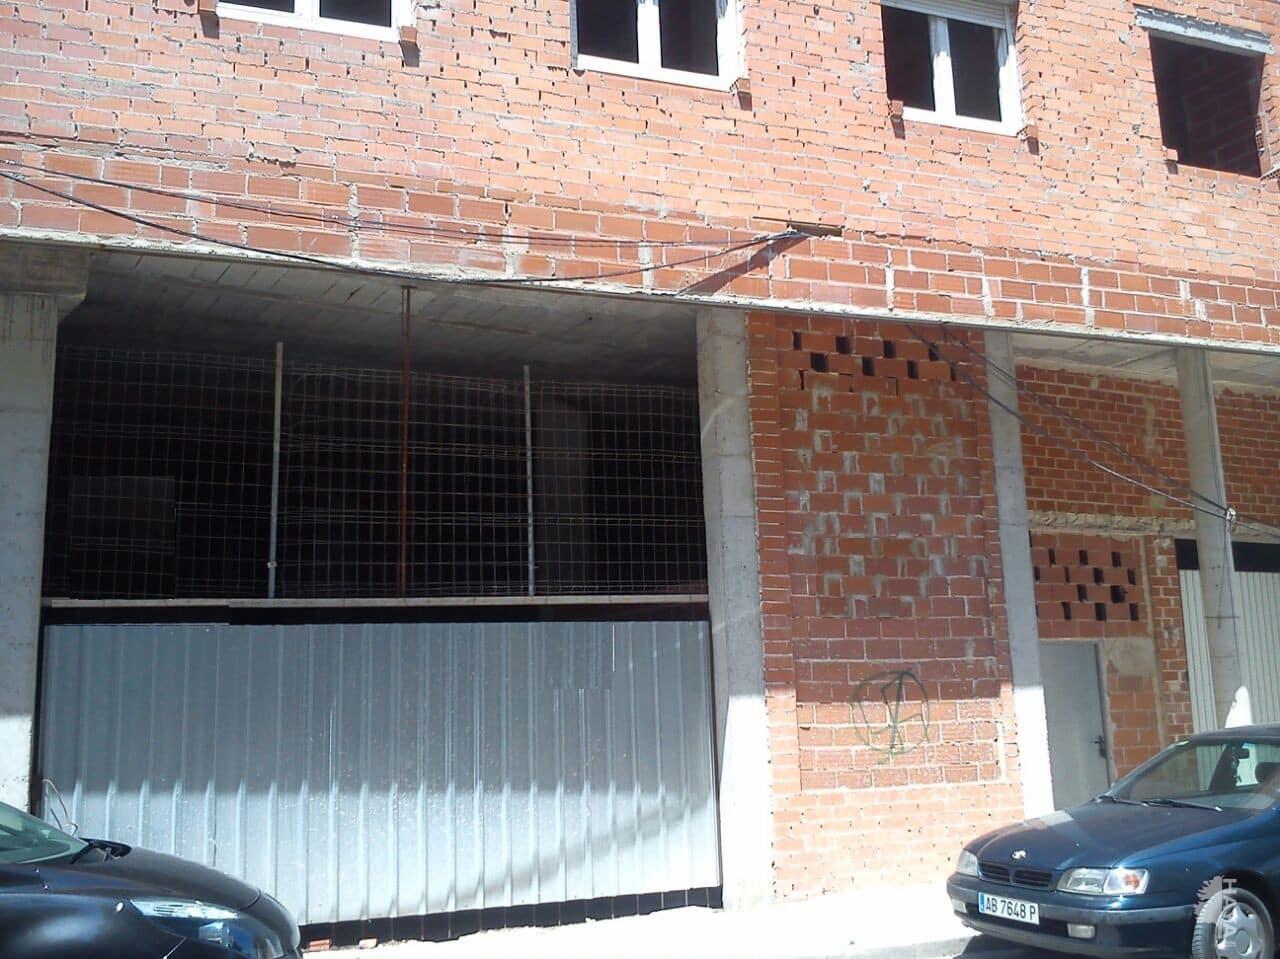 Piso en venta en La Roda, la Roda, Albacete, Calle Juan Garcia Glz, 44.600 €, 1 habitación, 1 baño, 102 m2